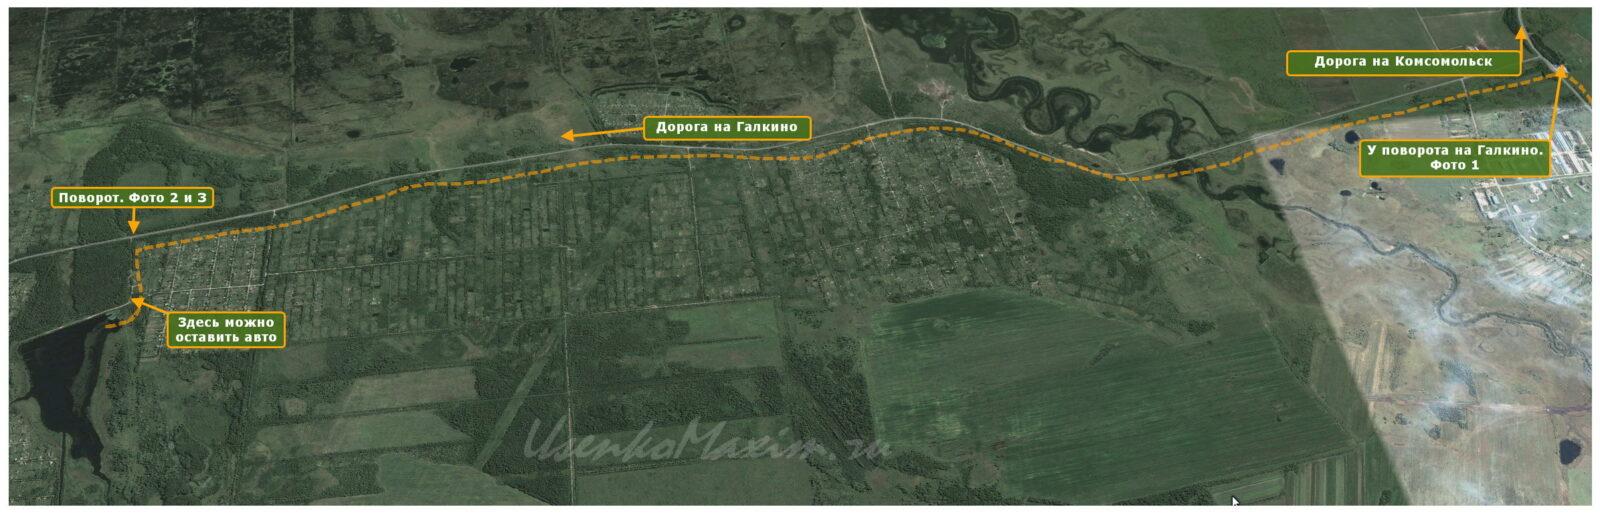 Дорога между Галкино и трассой на Комсомольск